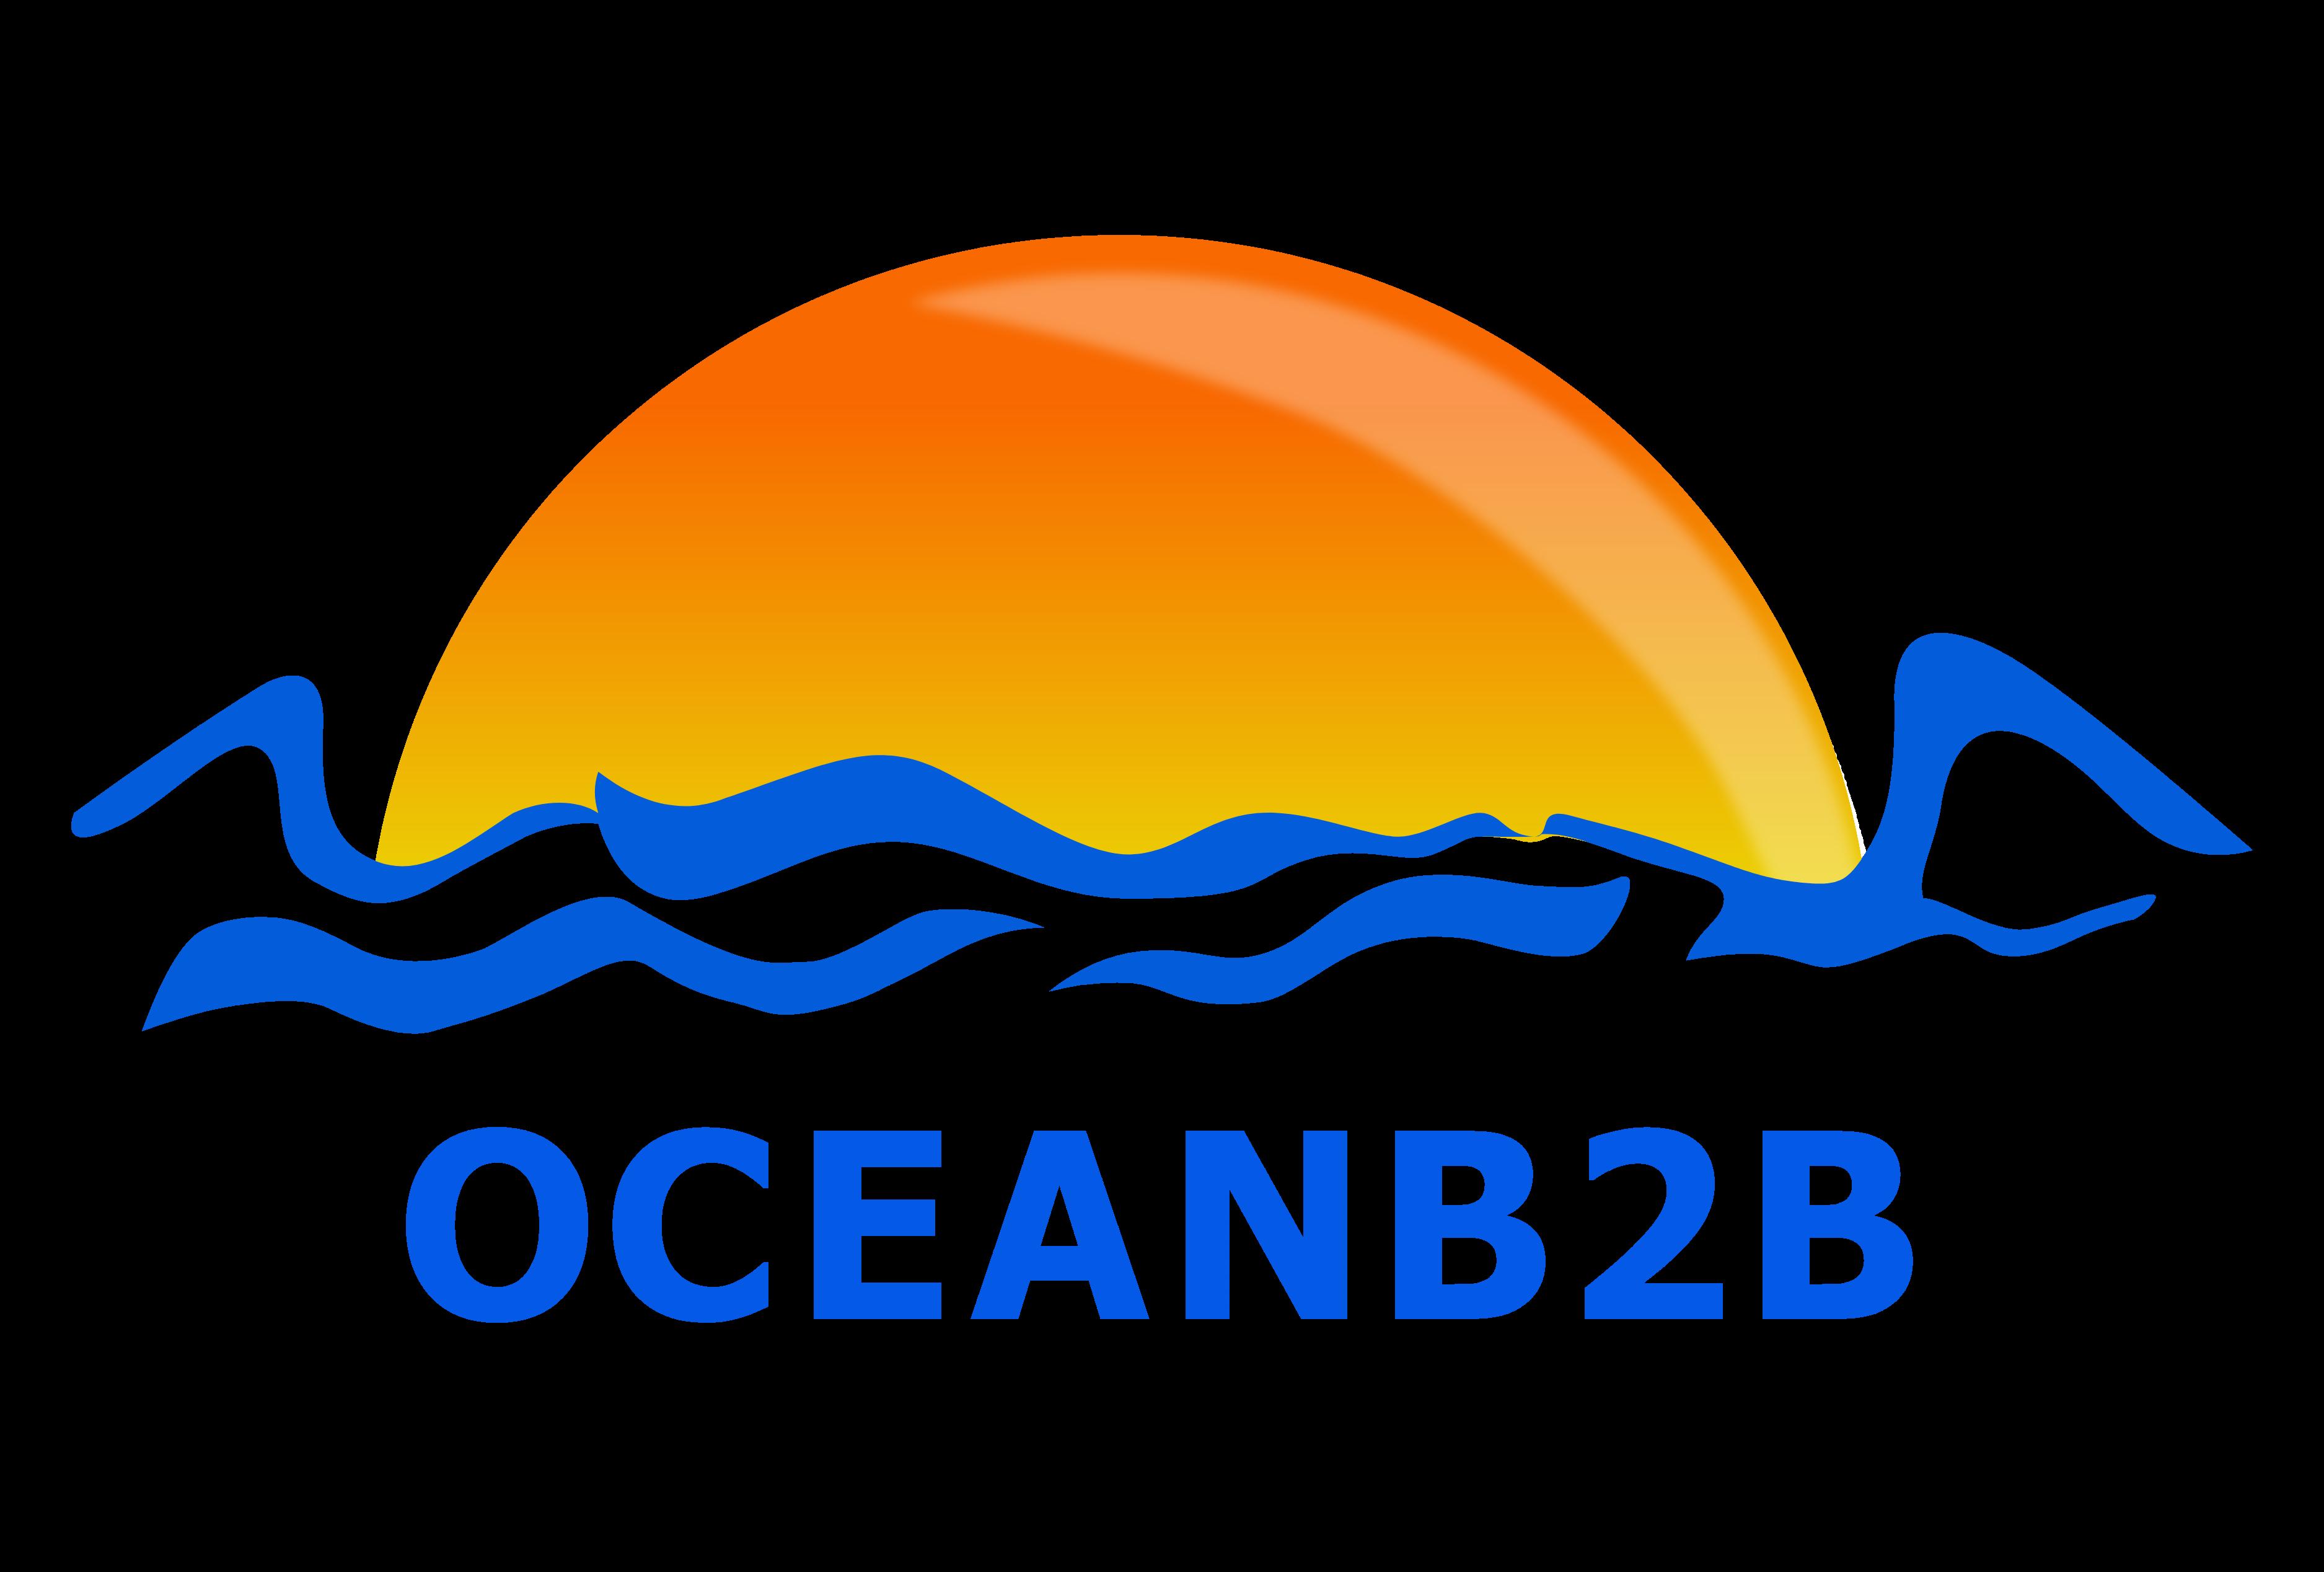 OceanB2B